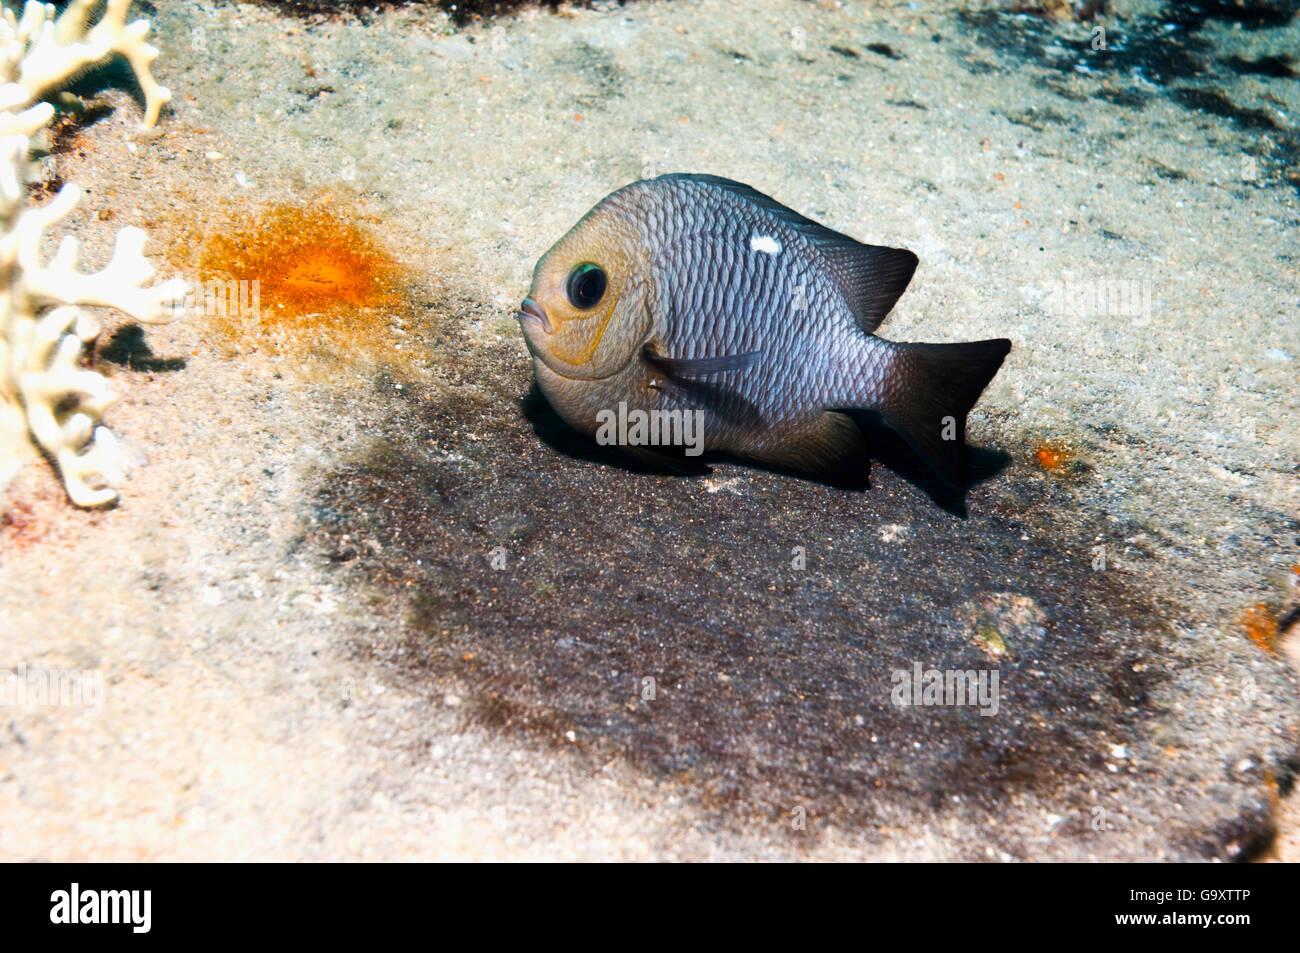 Tres manchas damisela (Dascyllus trimaculatus) protegiendo los huevos. Egipto, el Mar Rojo. Imagen De Stock